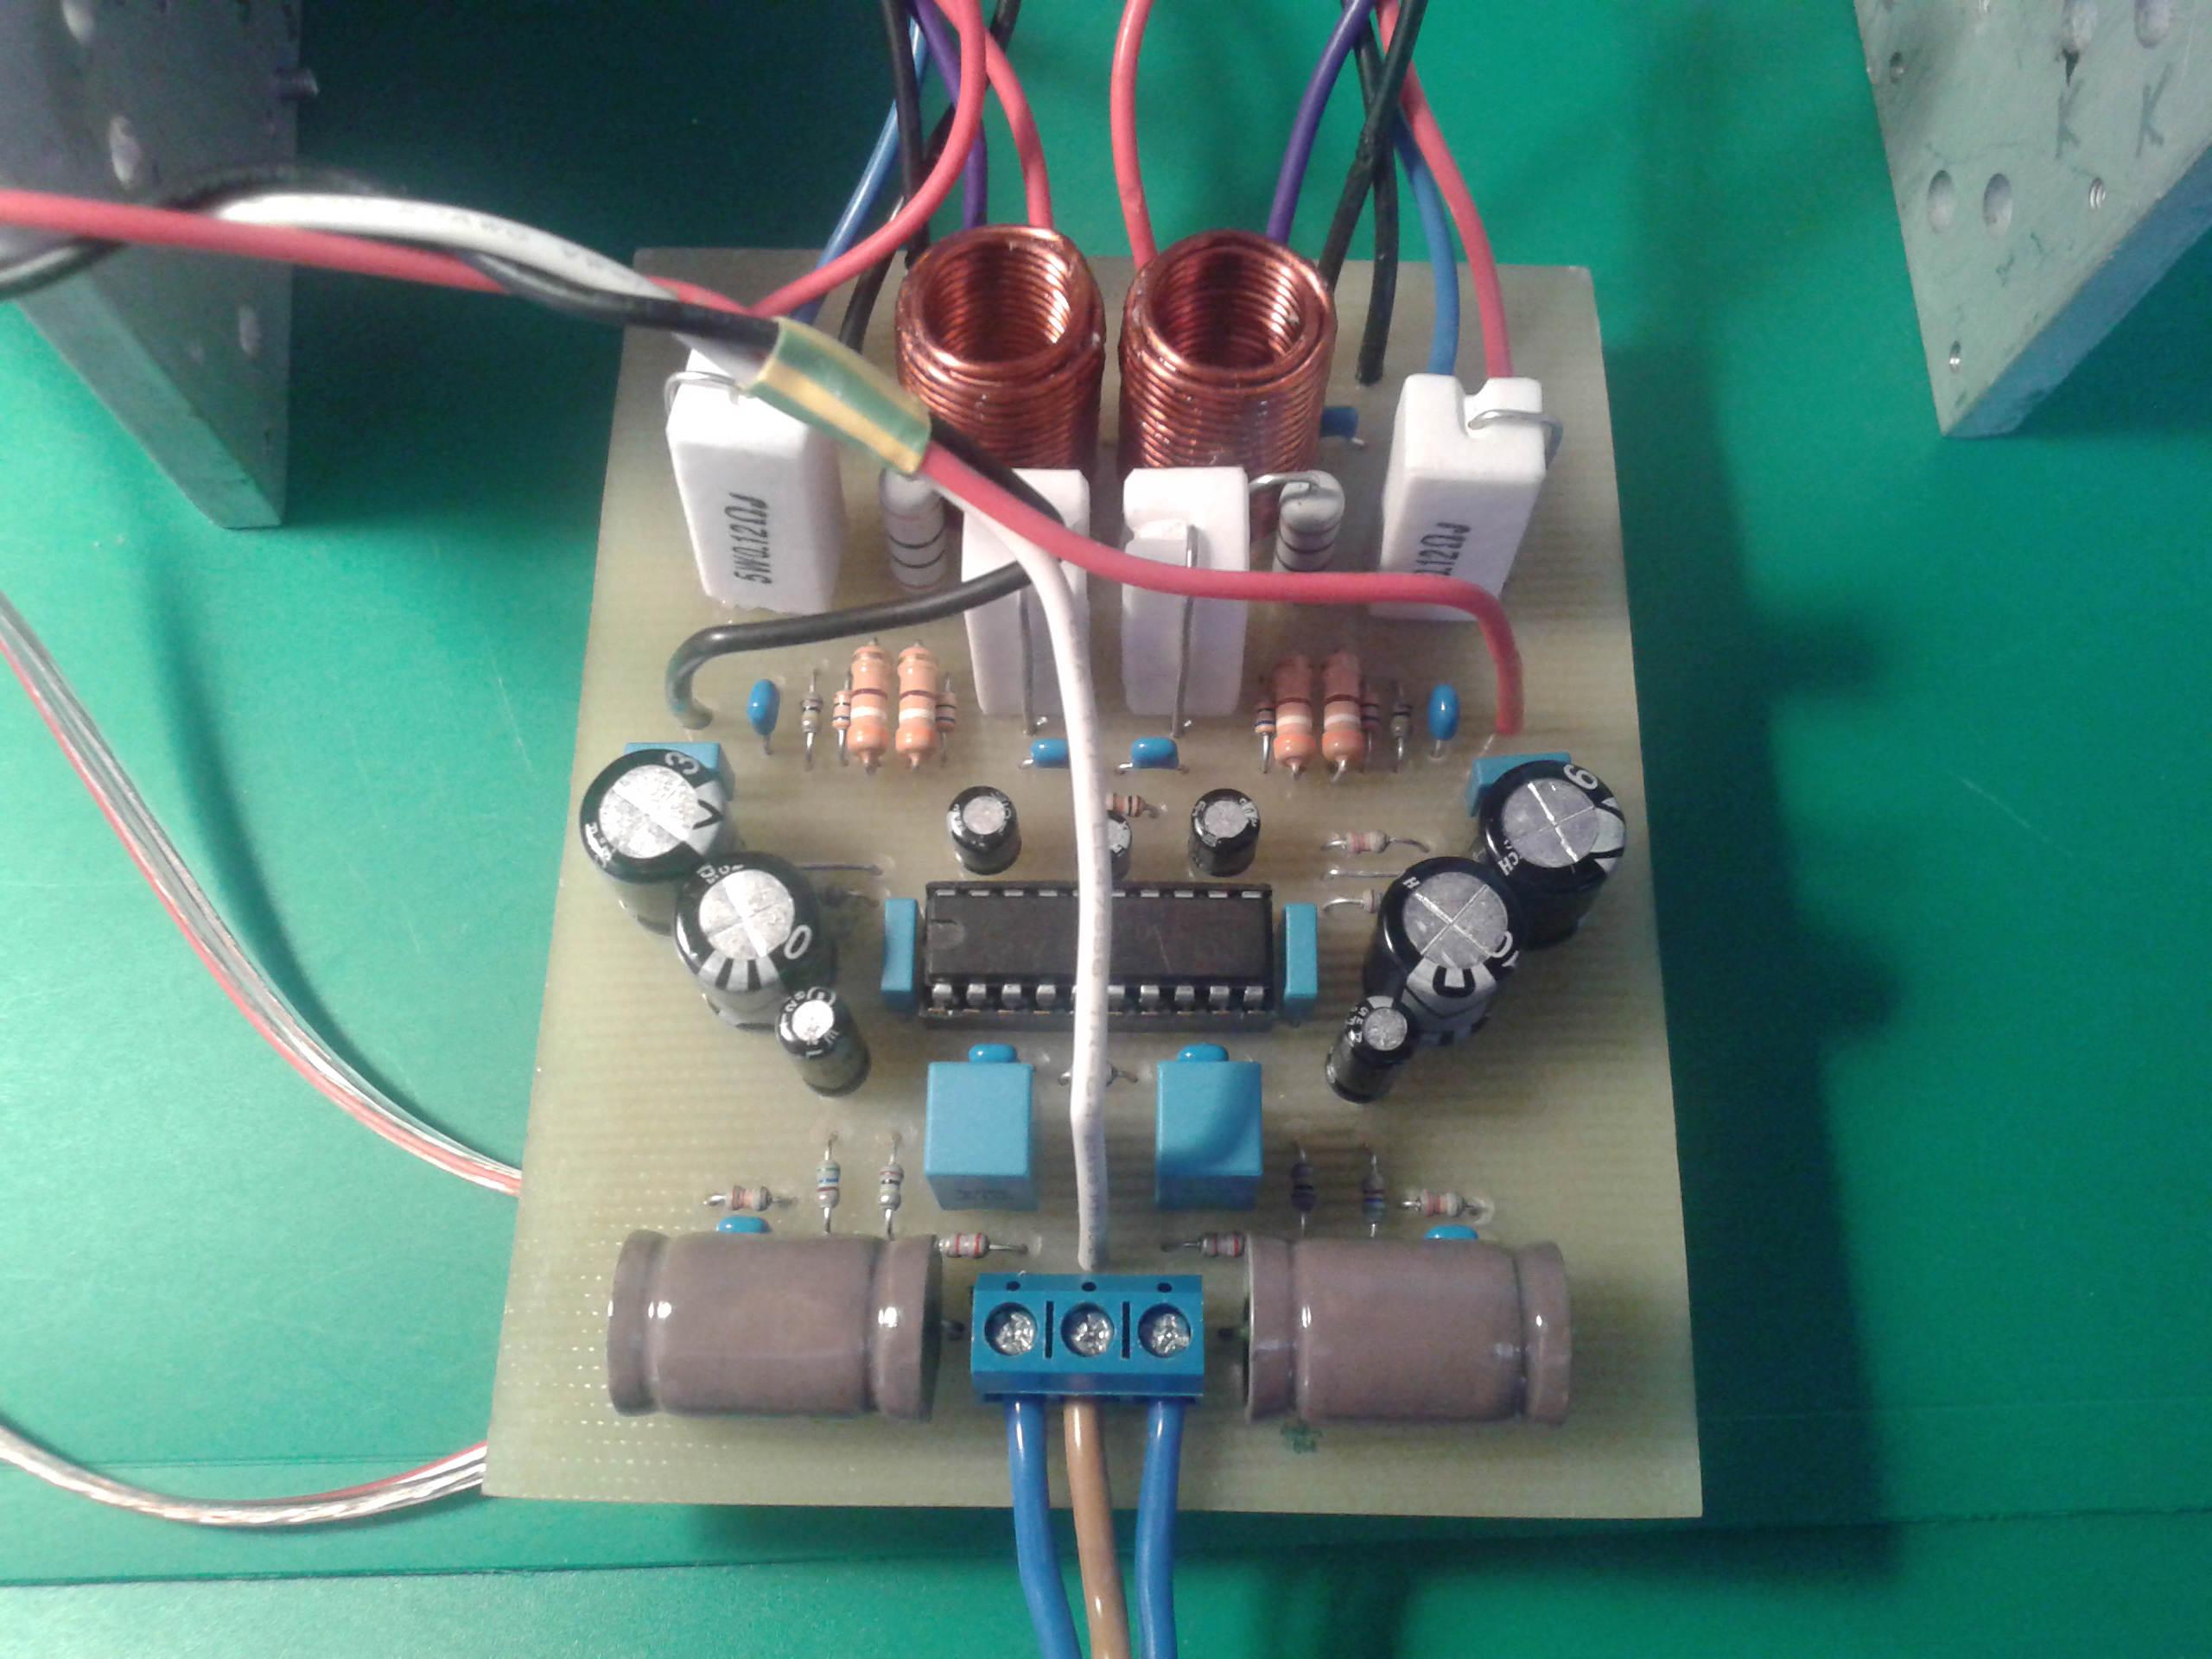 схема усилителя на lm3886 с темброблоком lm1036